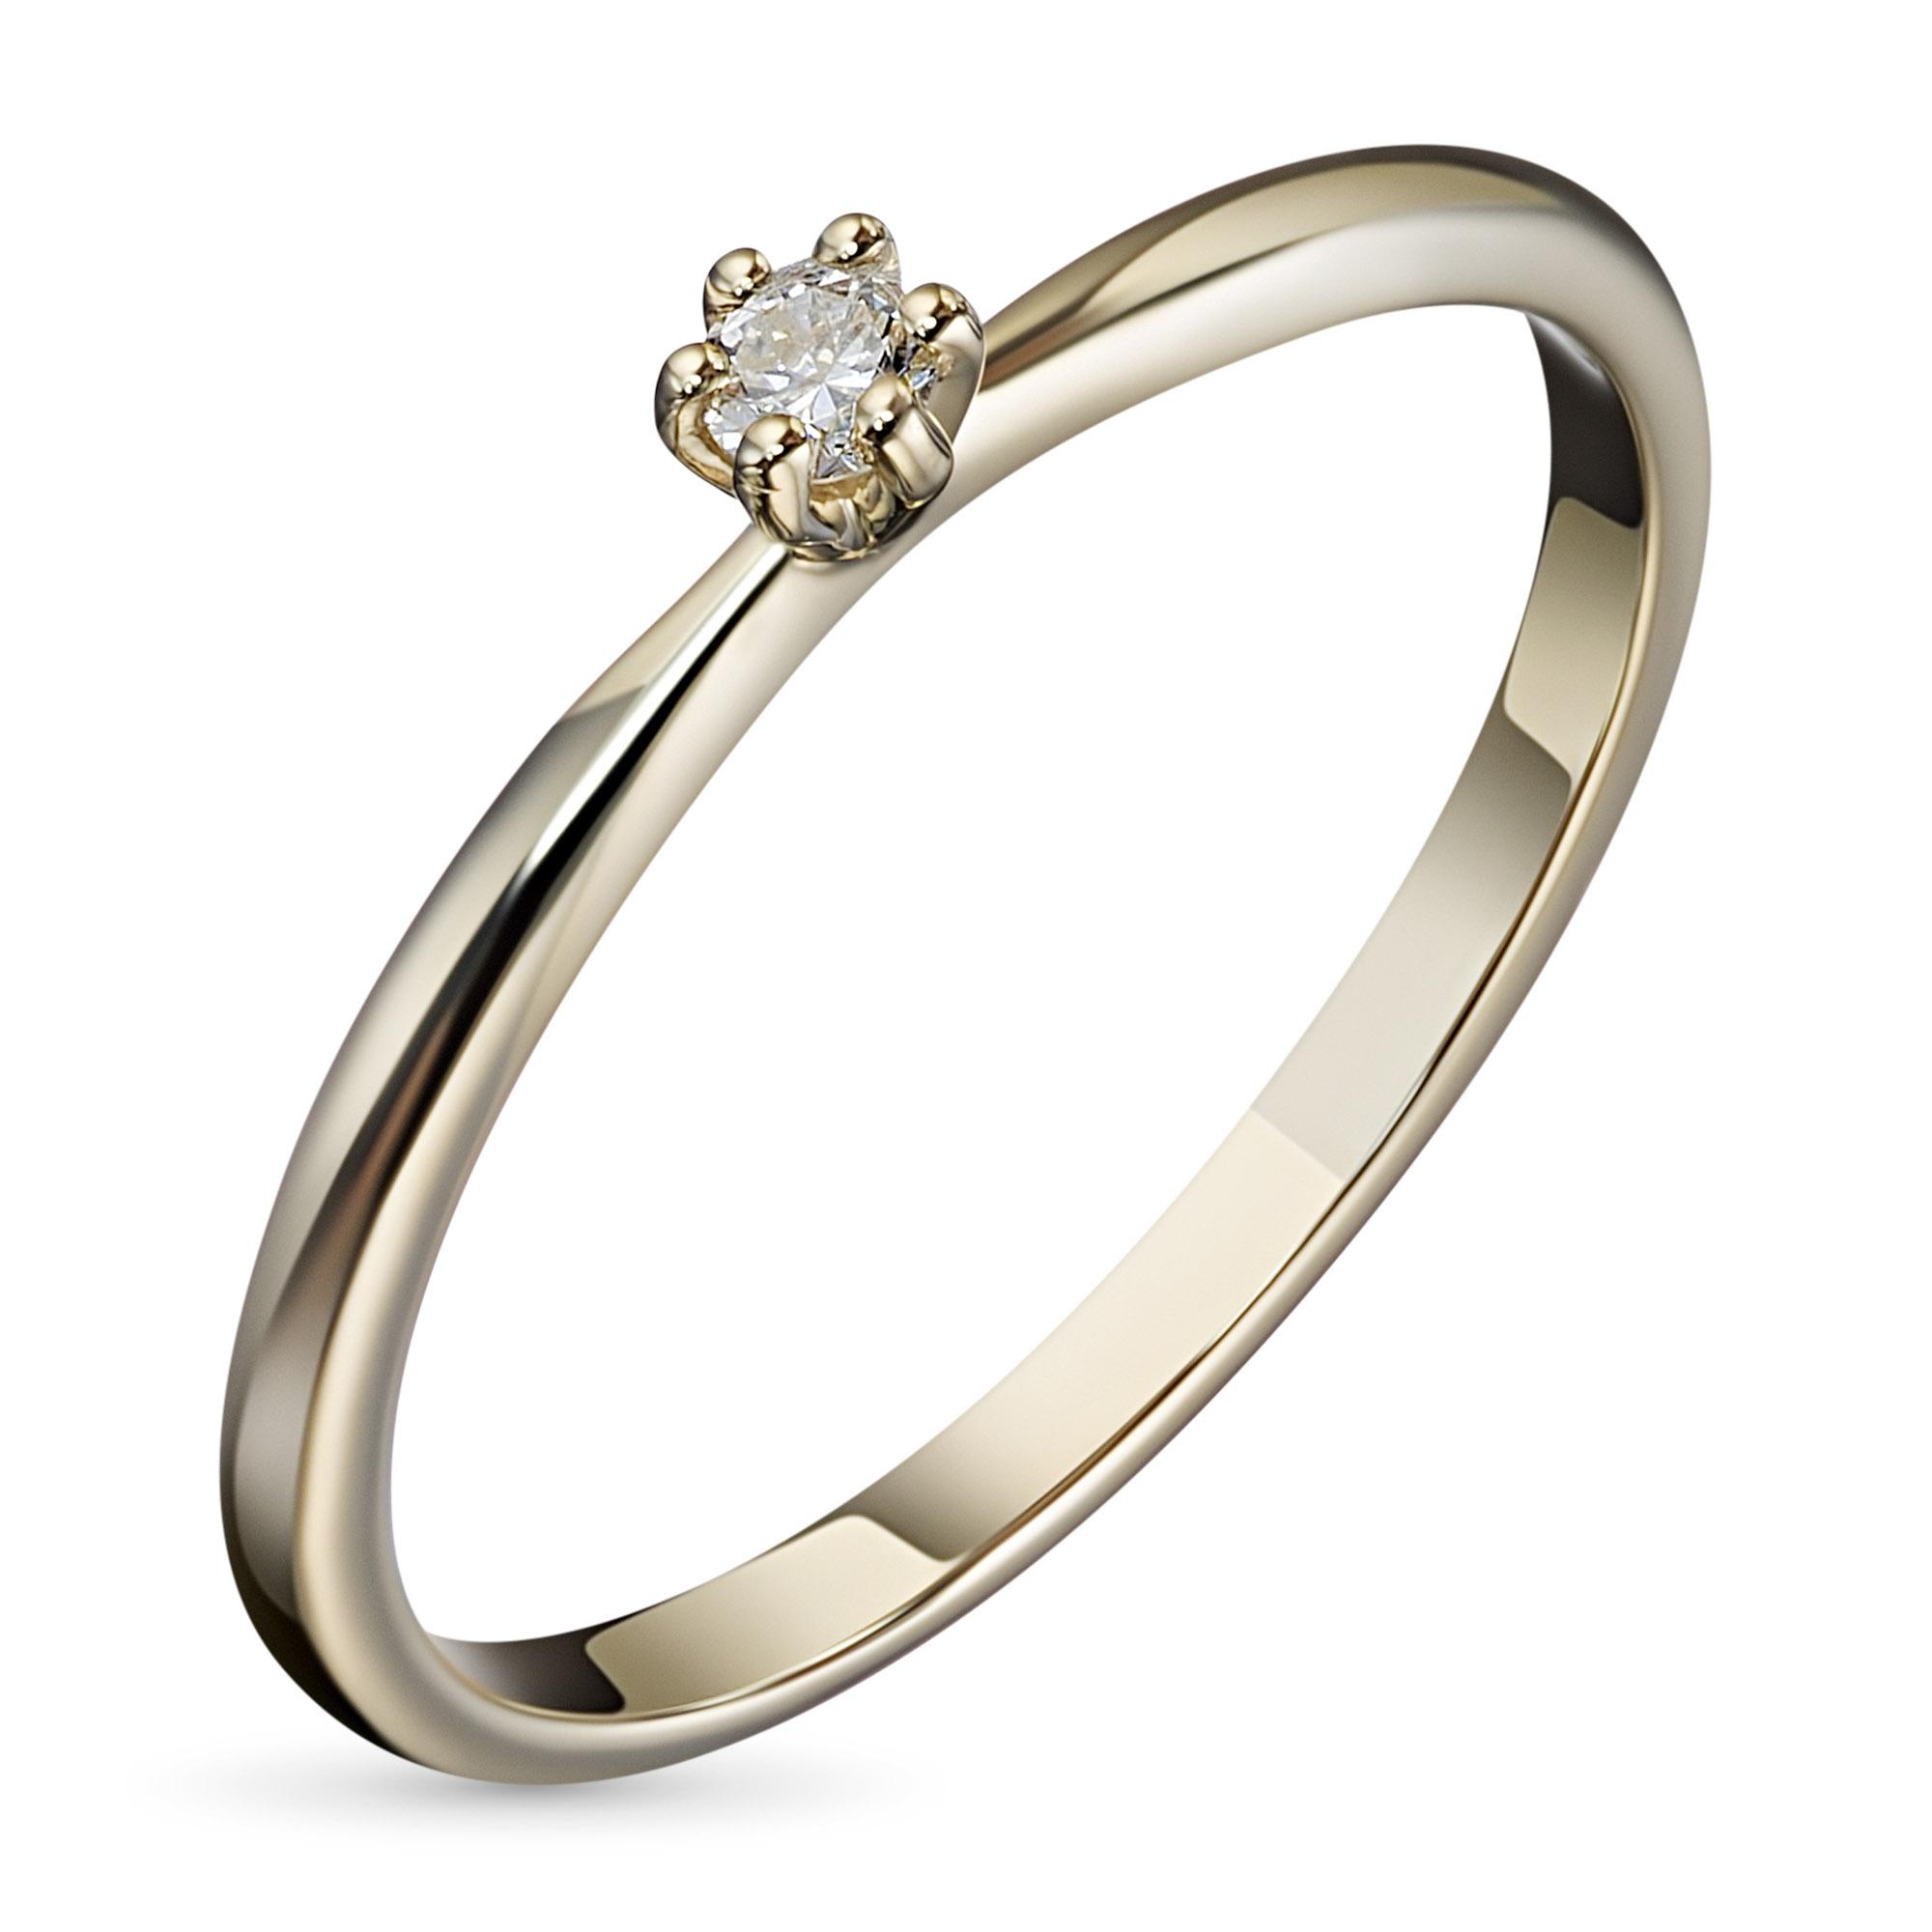 Кольцо из желтого золота с бриллиантом э0301кц03201030